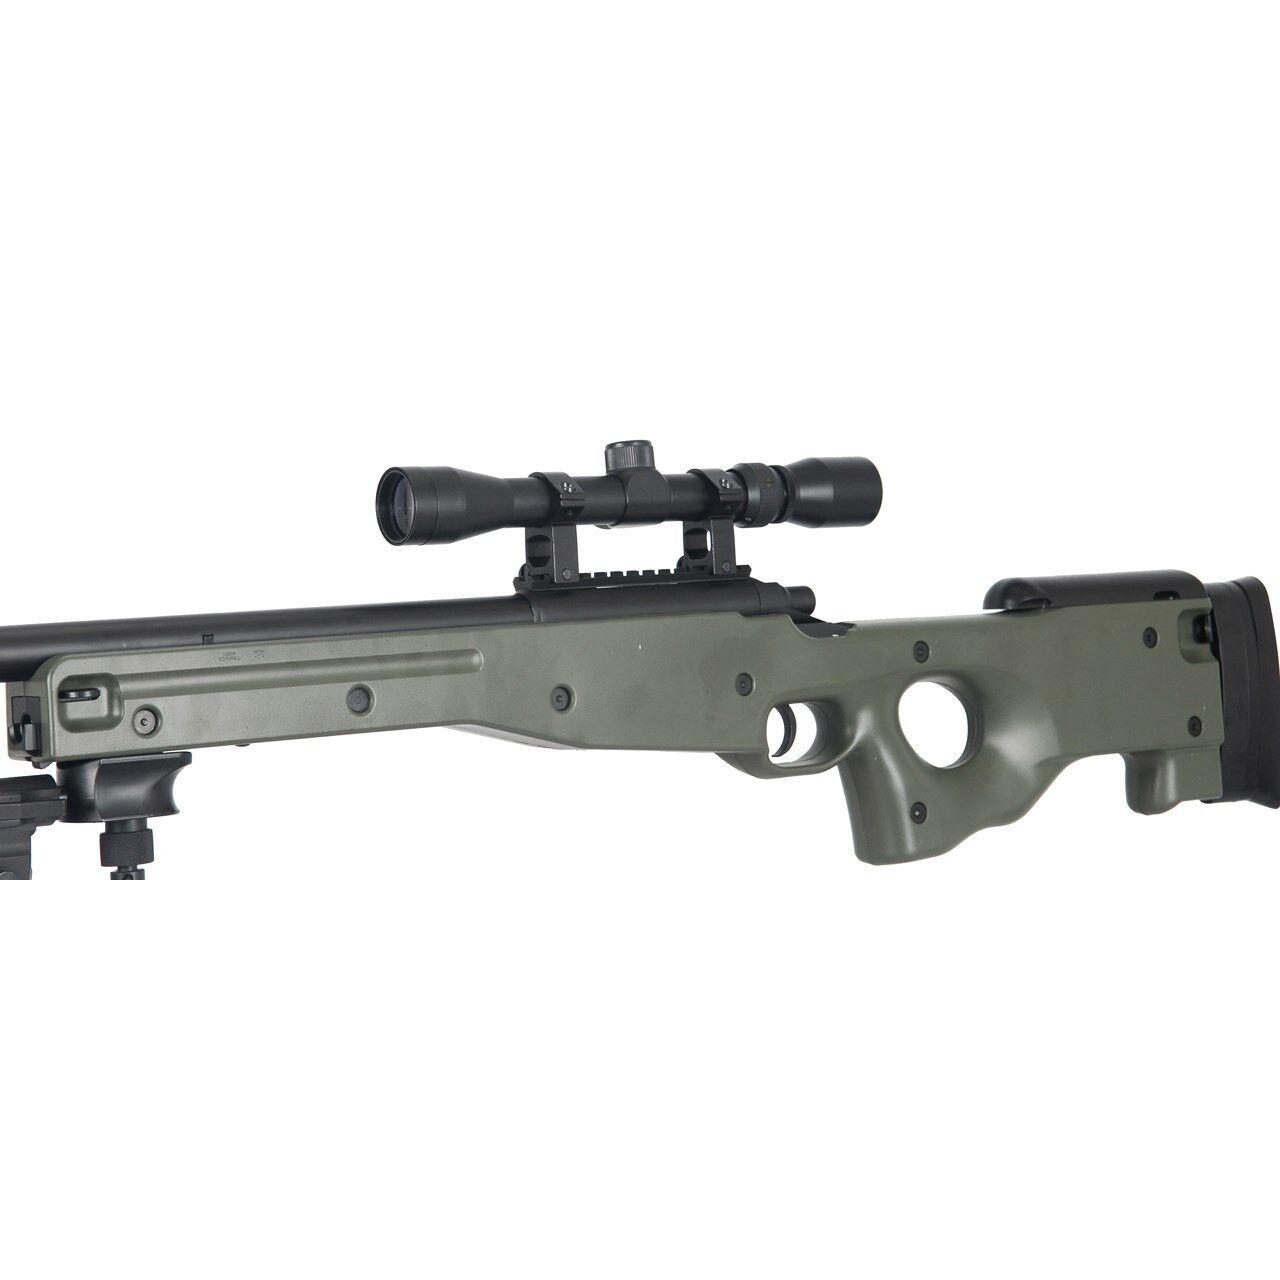 515 Fps Agm L96 Awp Awm Spring Airsoft Gun Sniper Rifle Scope Green